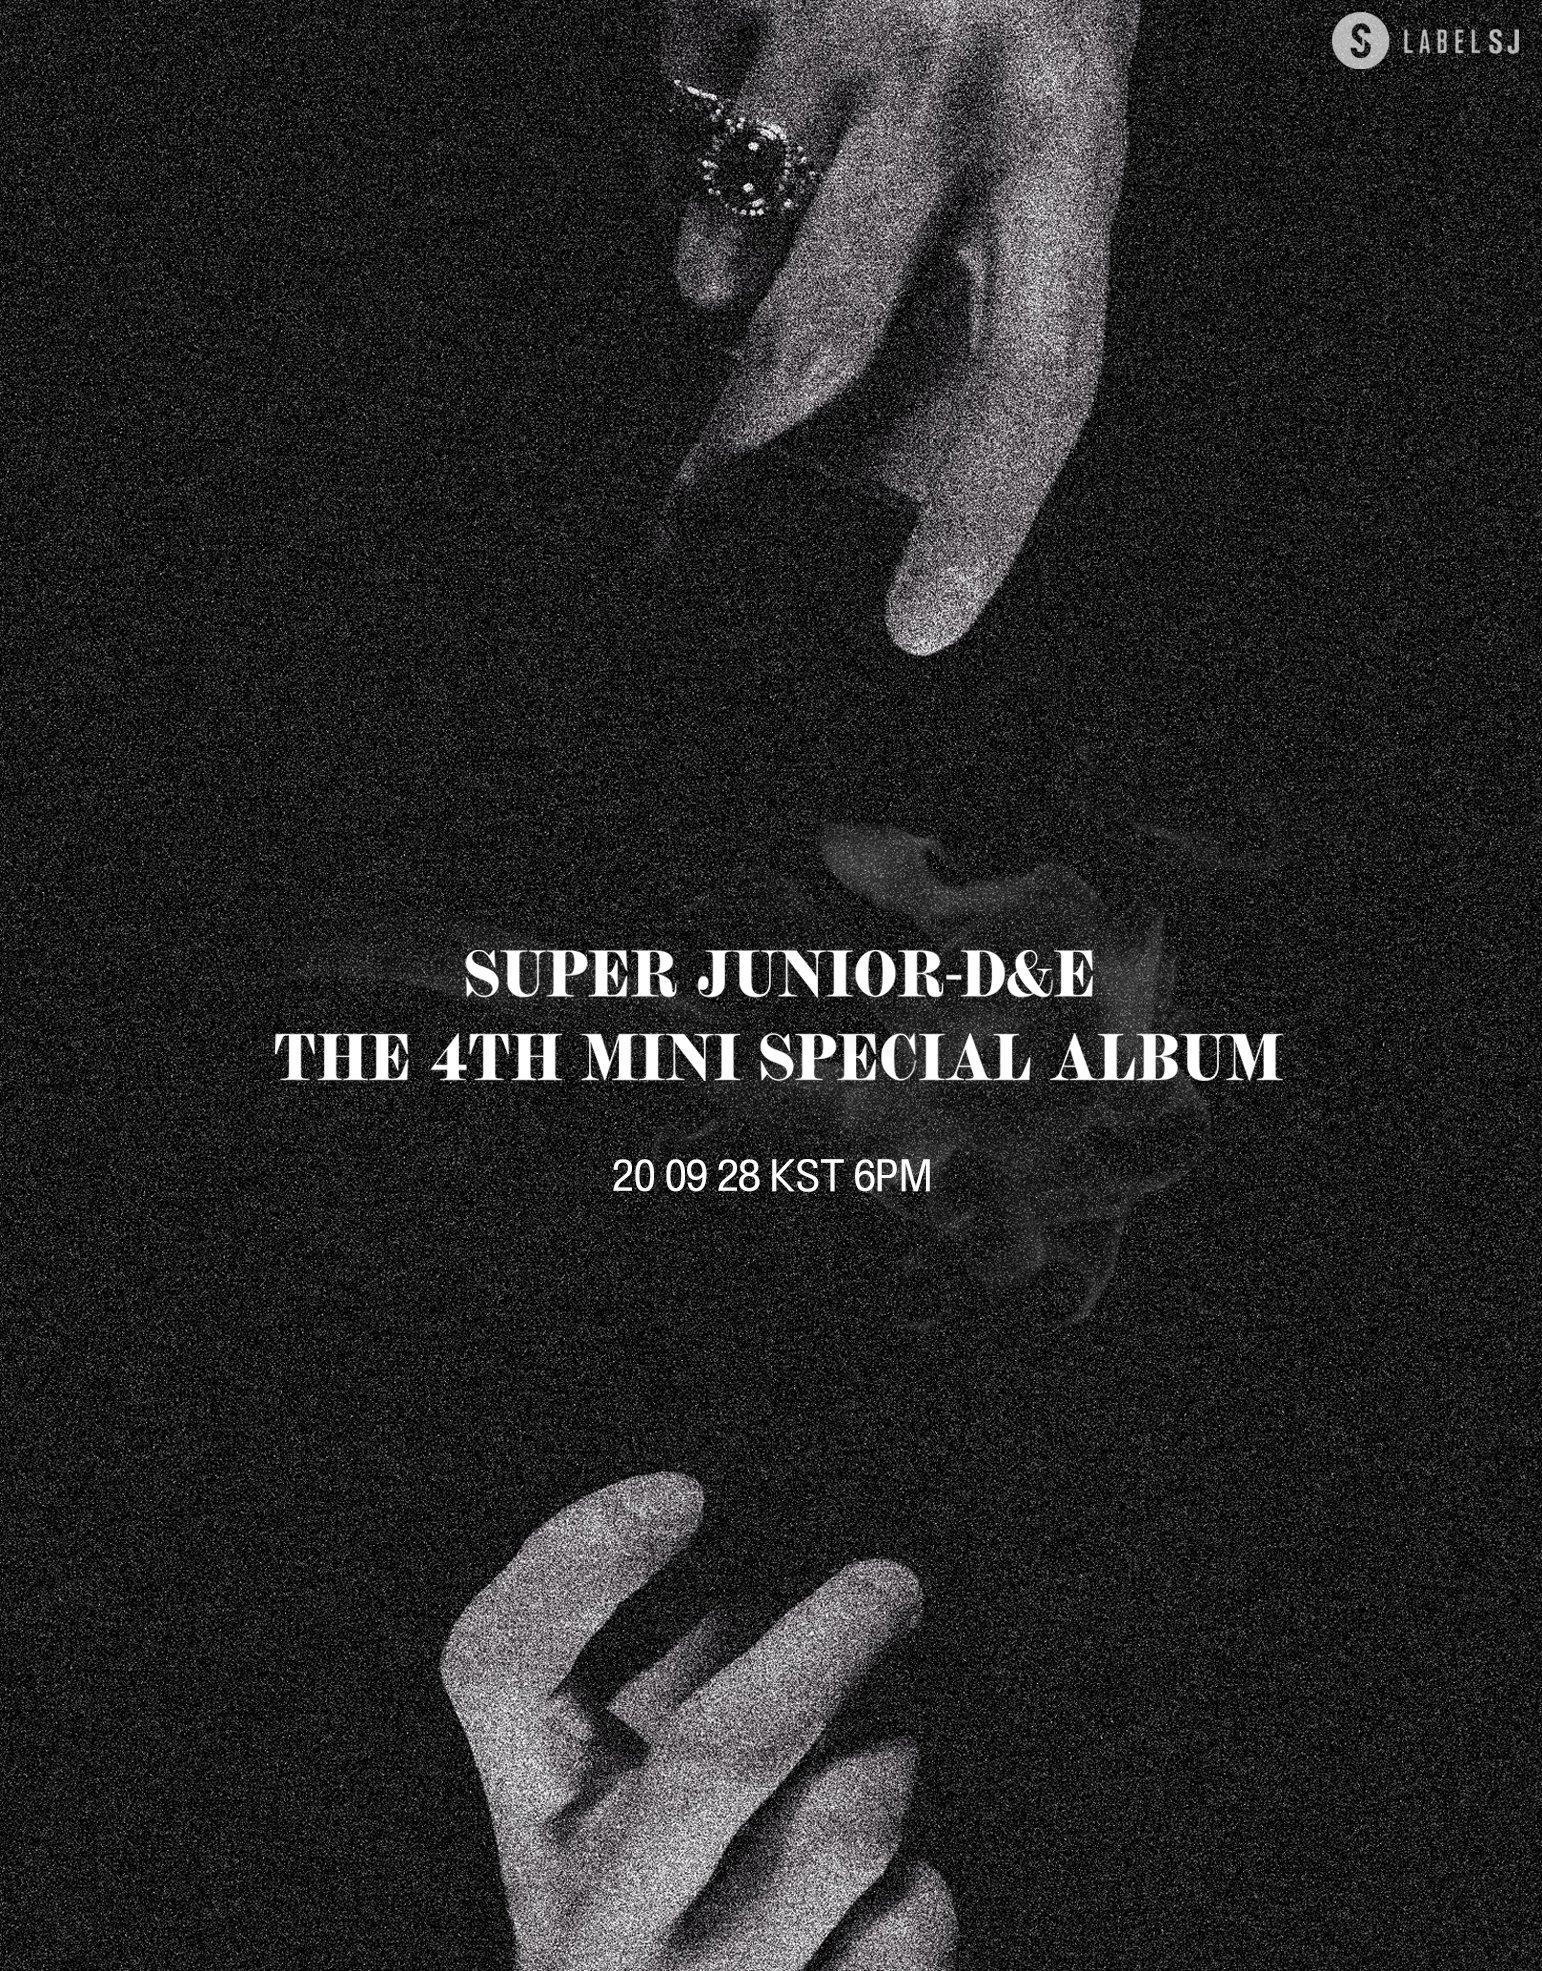 super junior de1